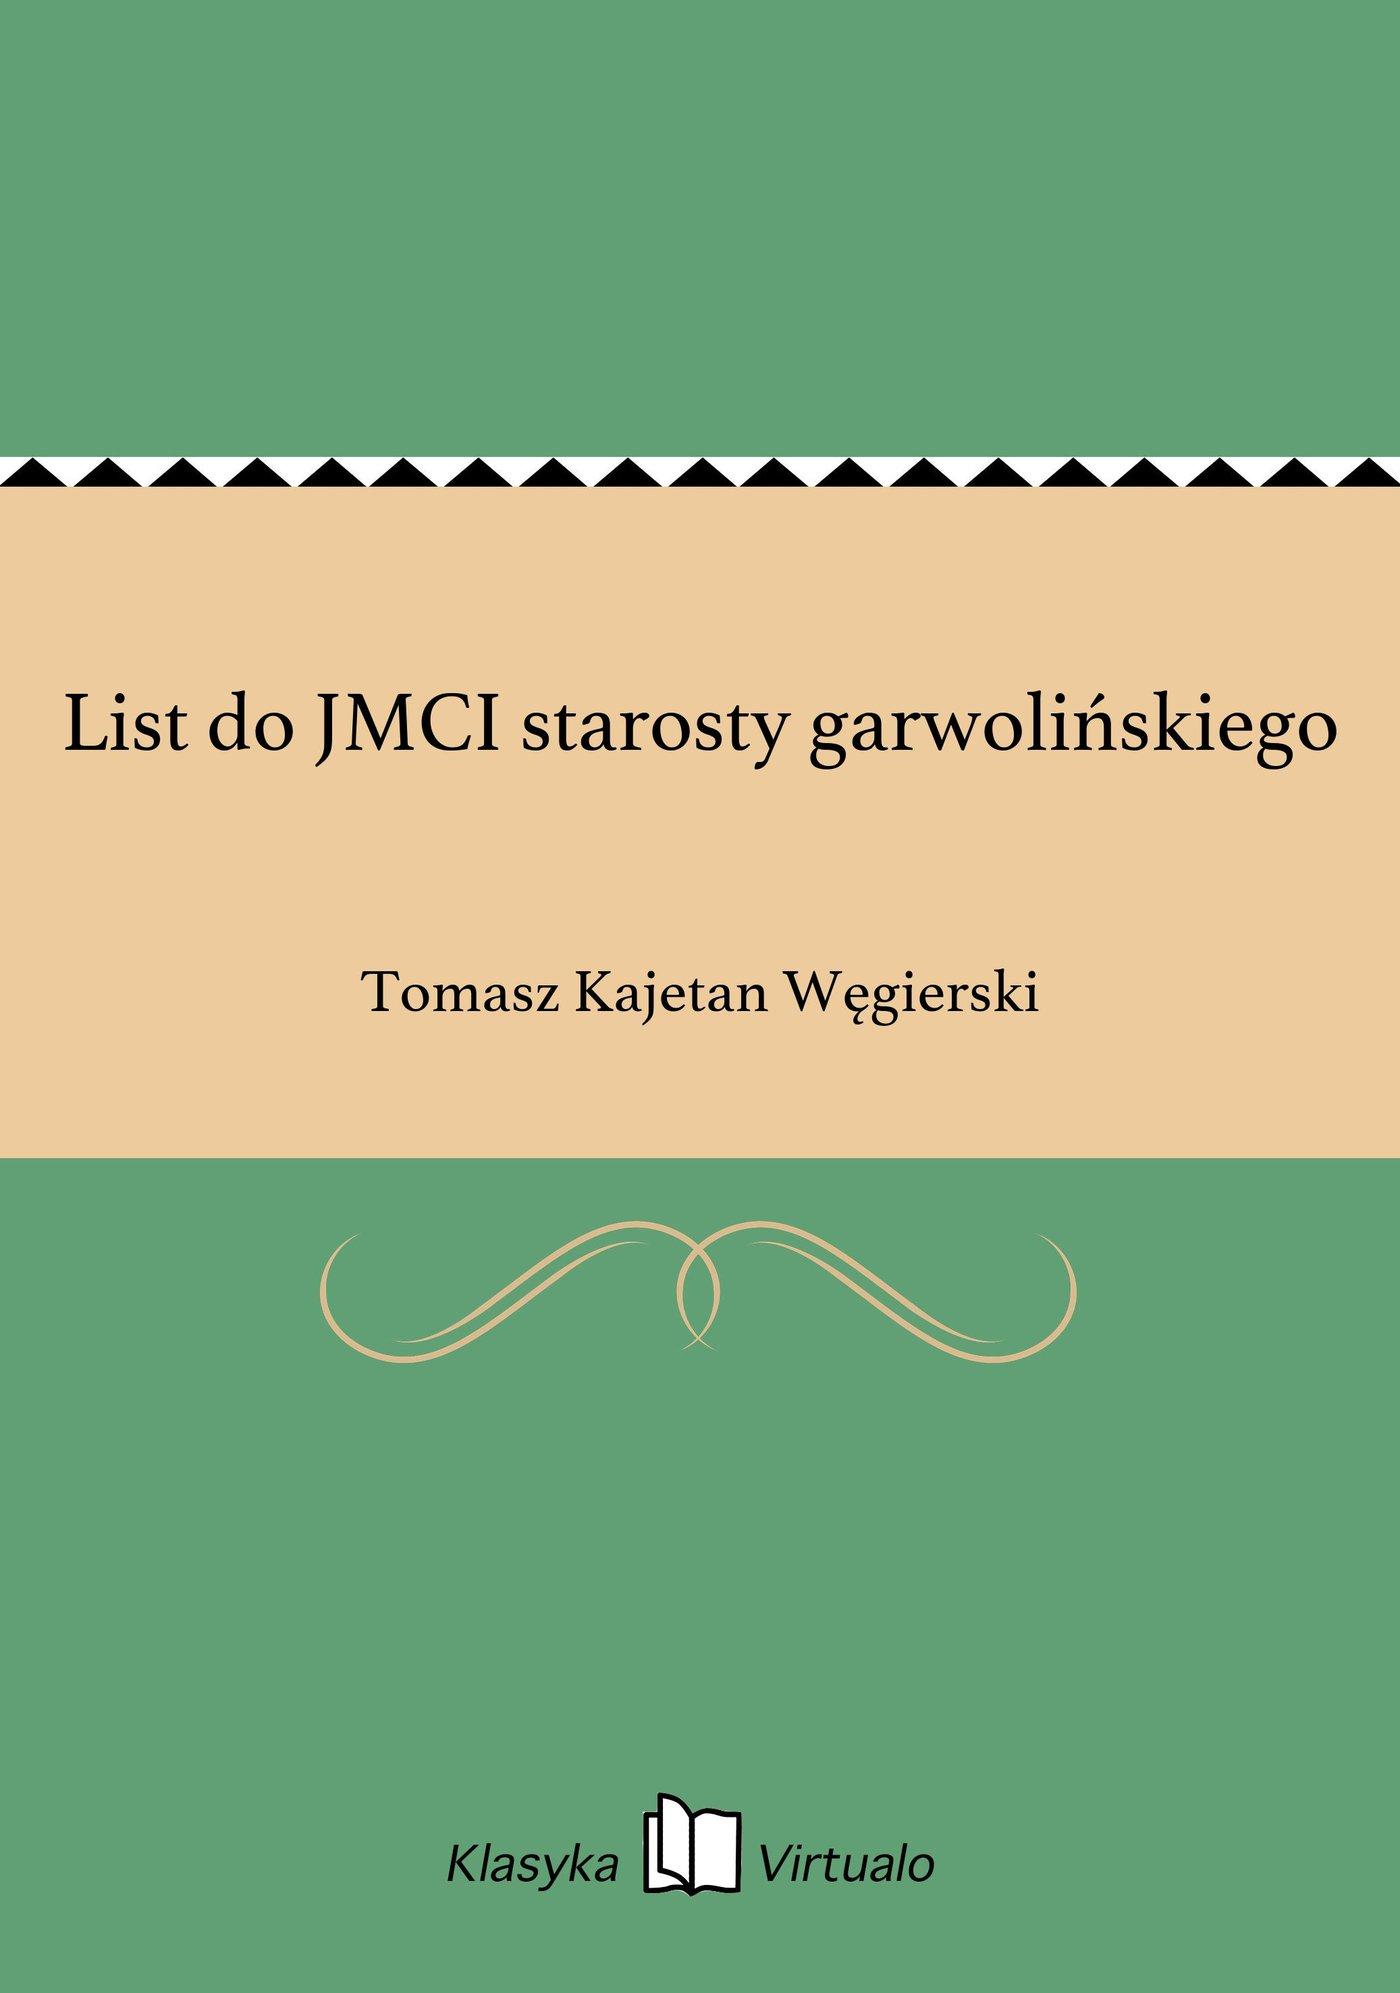 List do JMCI starosty garwolińskiego - Ebook (Książka EPUB) do pobrania w formacie EPUB